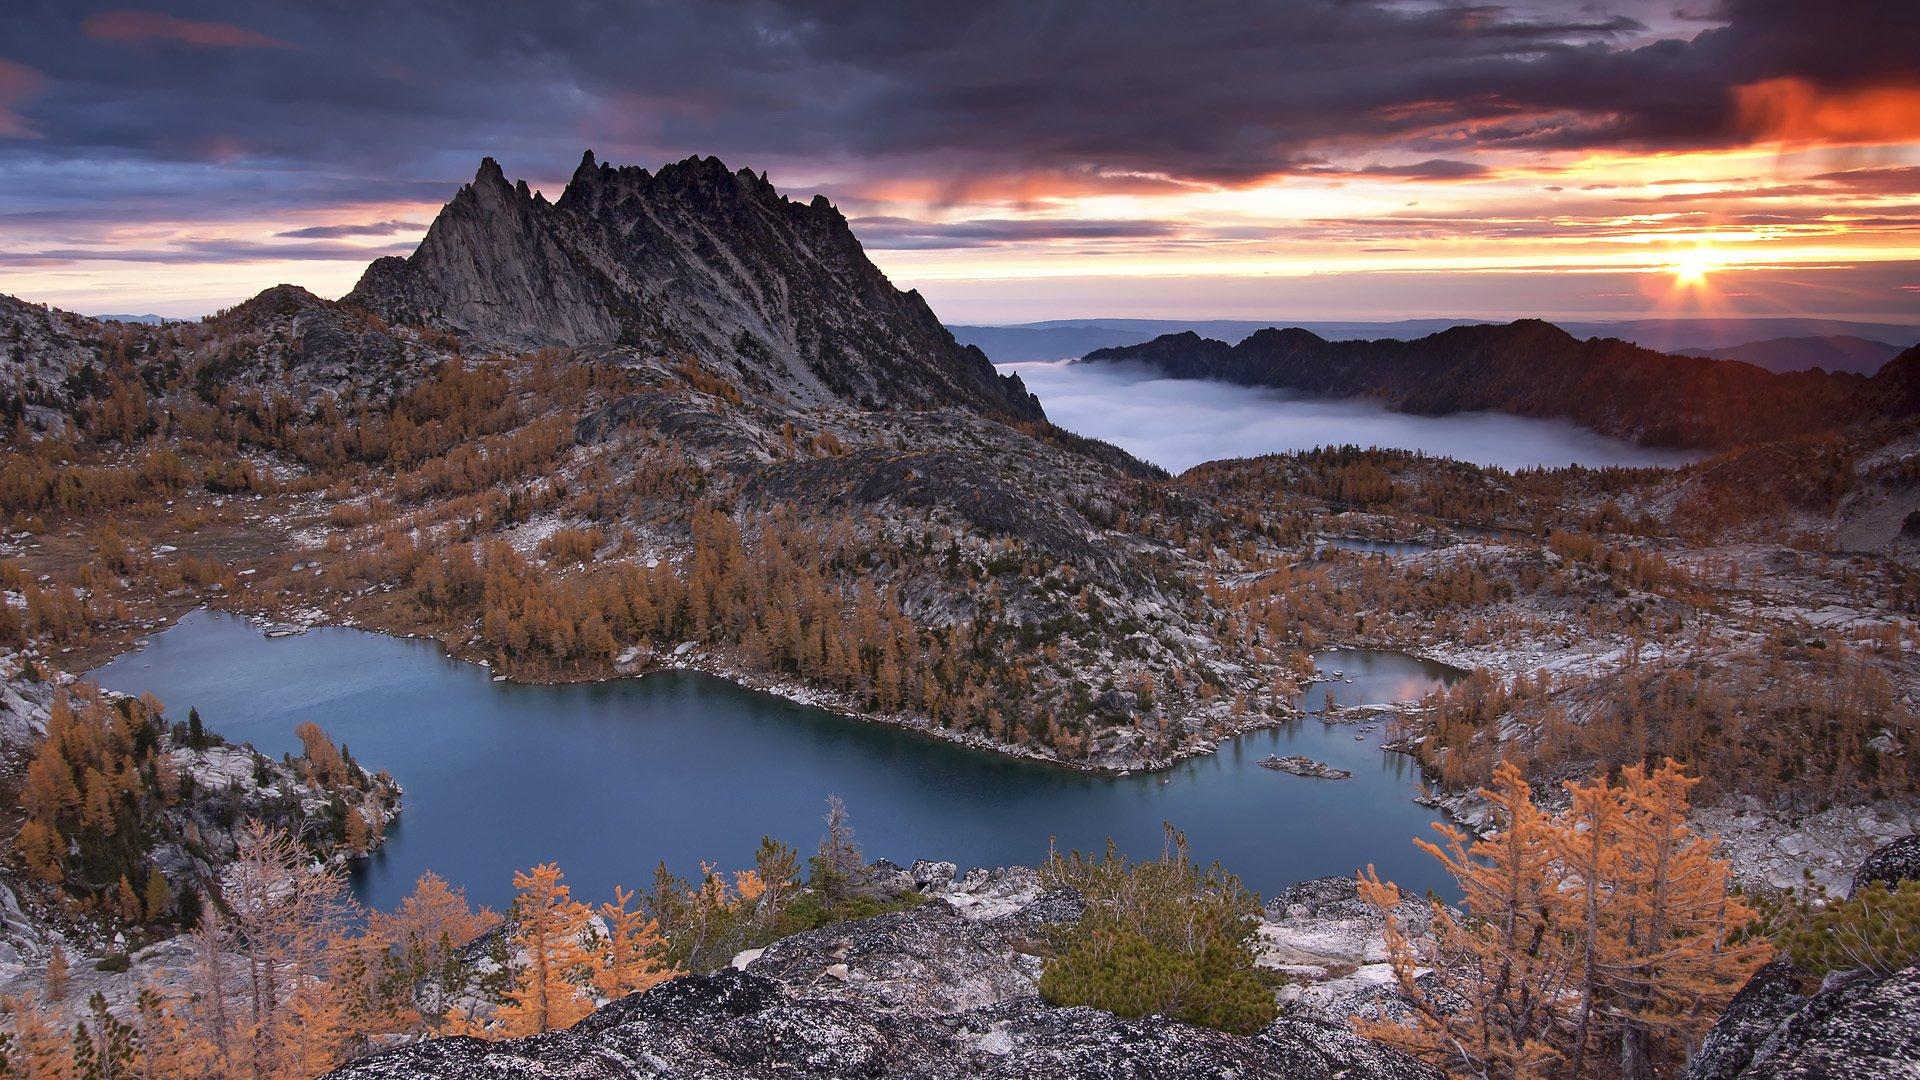 горы озеро деревья закат бесплатно